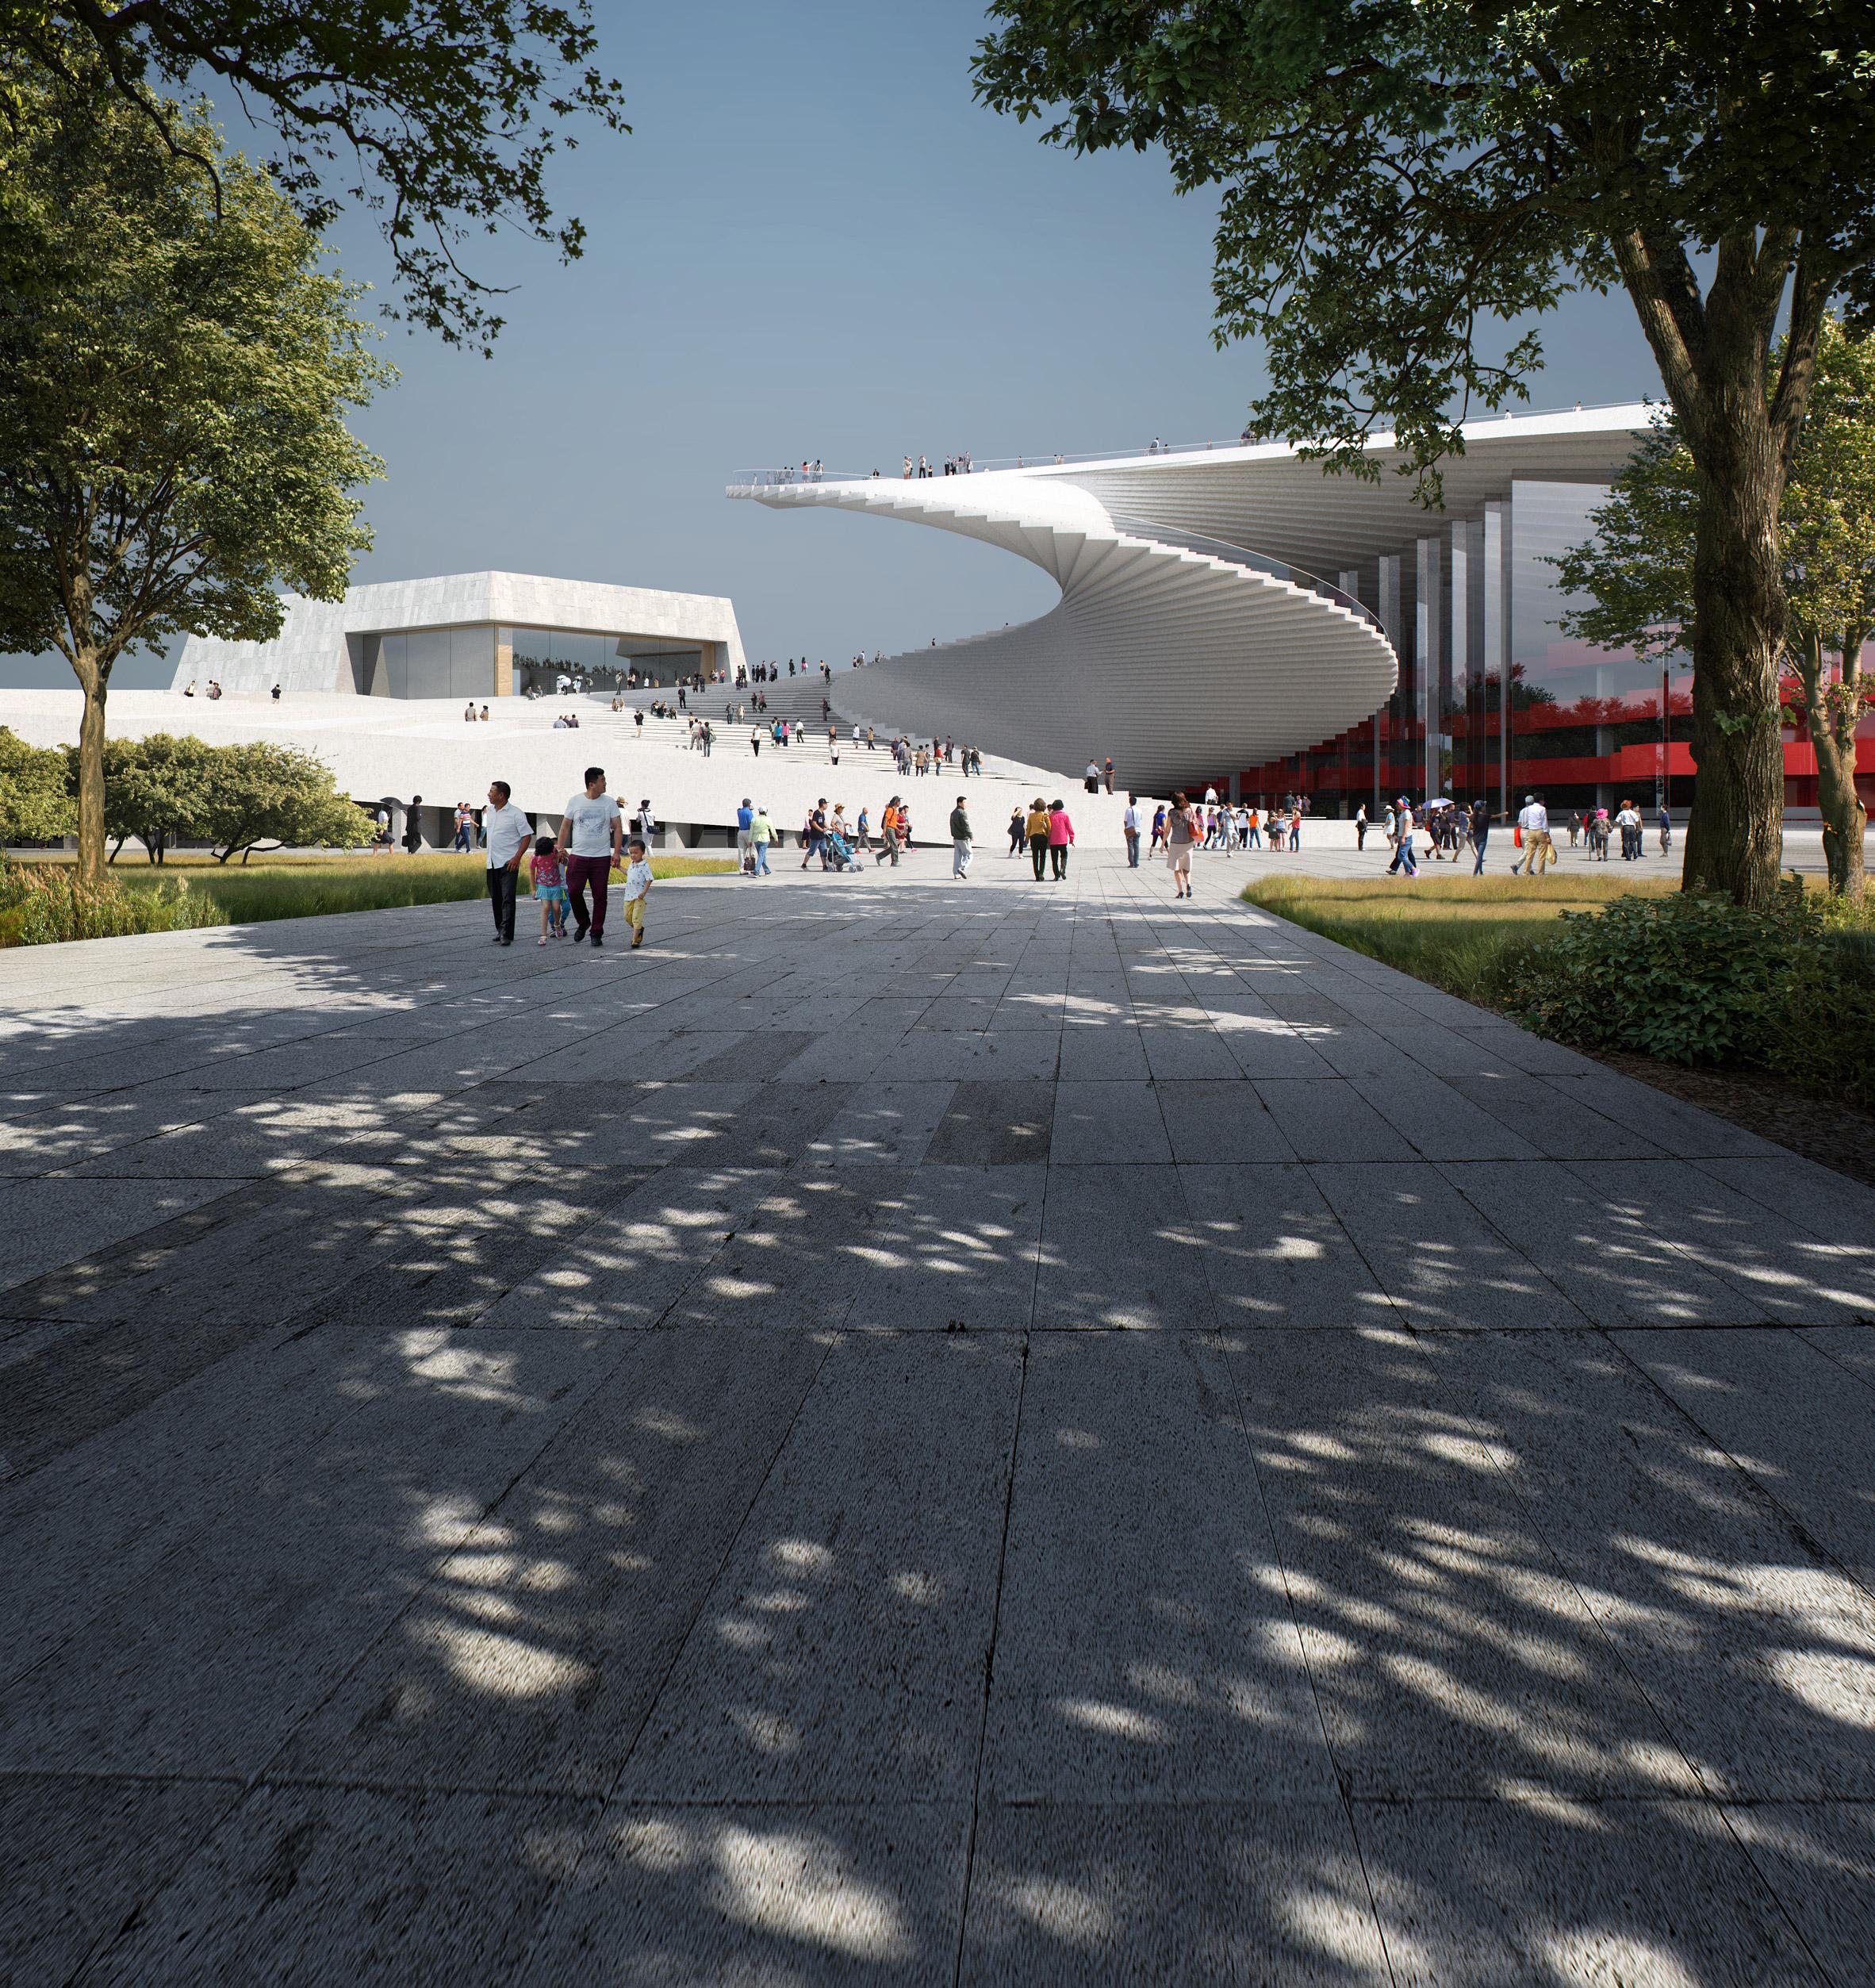 Главная особенность сооружения - гигантская винтовая лестница, соединяющая крышу театра с площадью